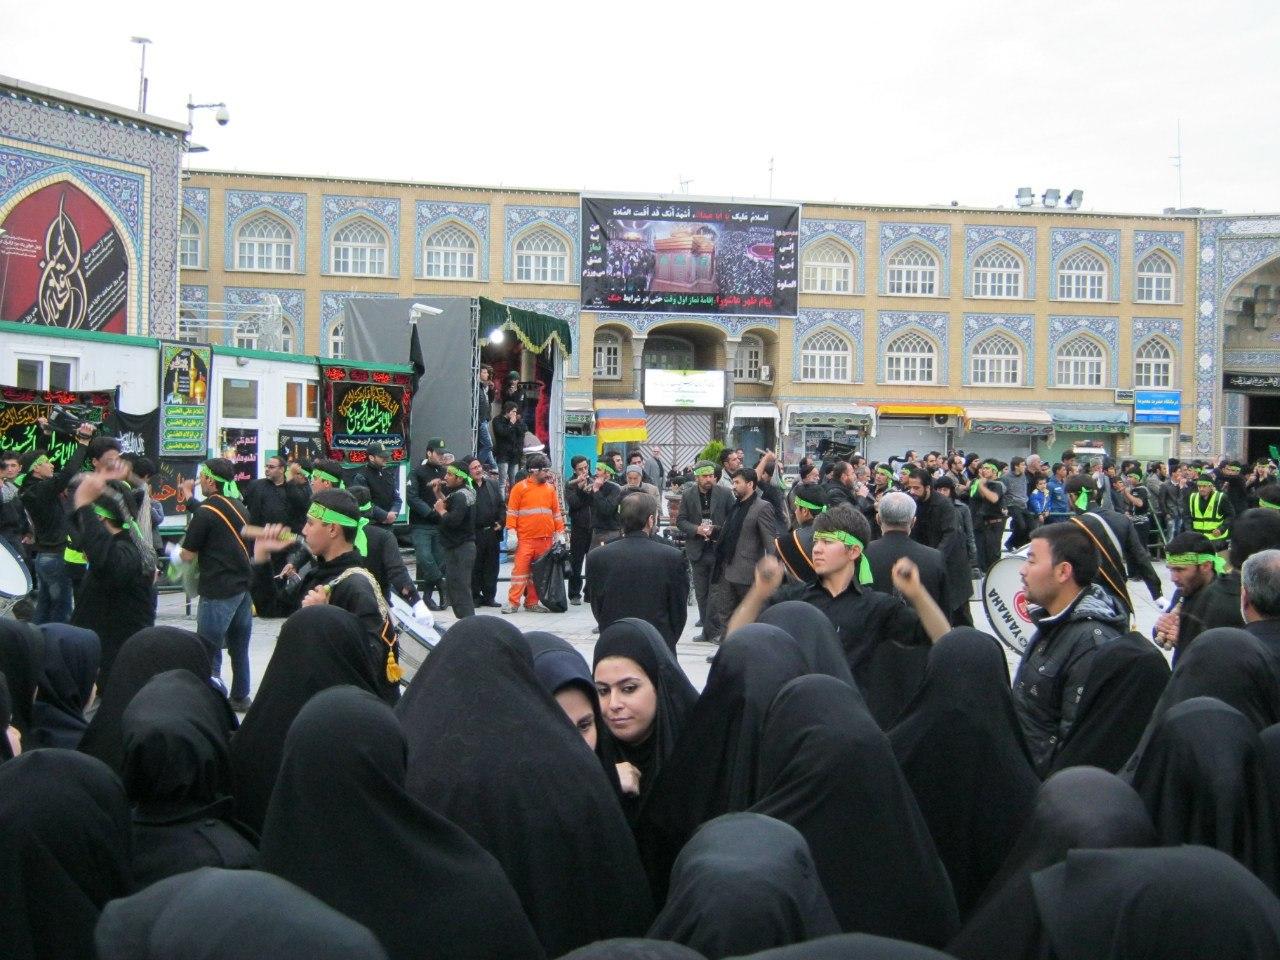 так по шариату должна быть покрыта голова женщины